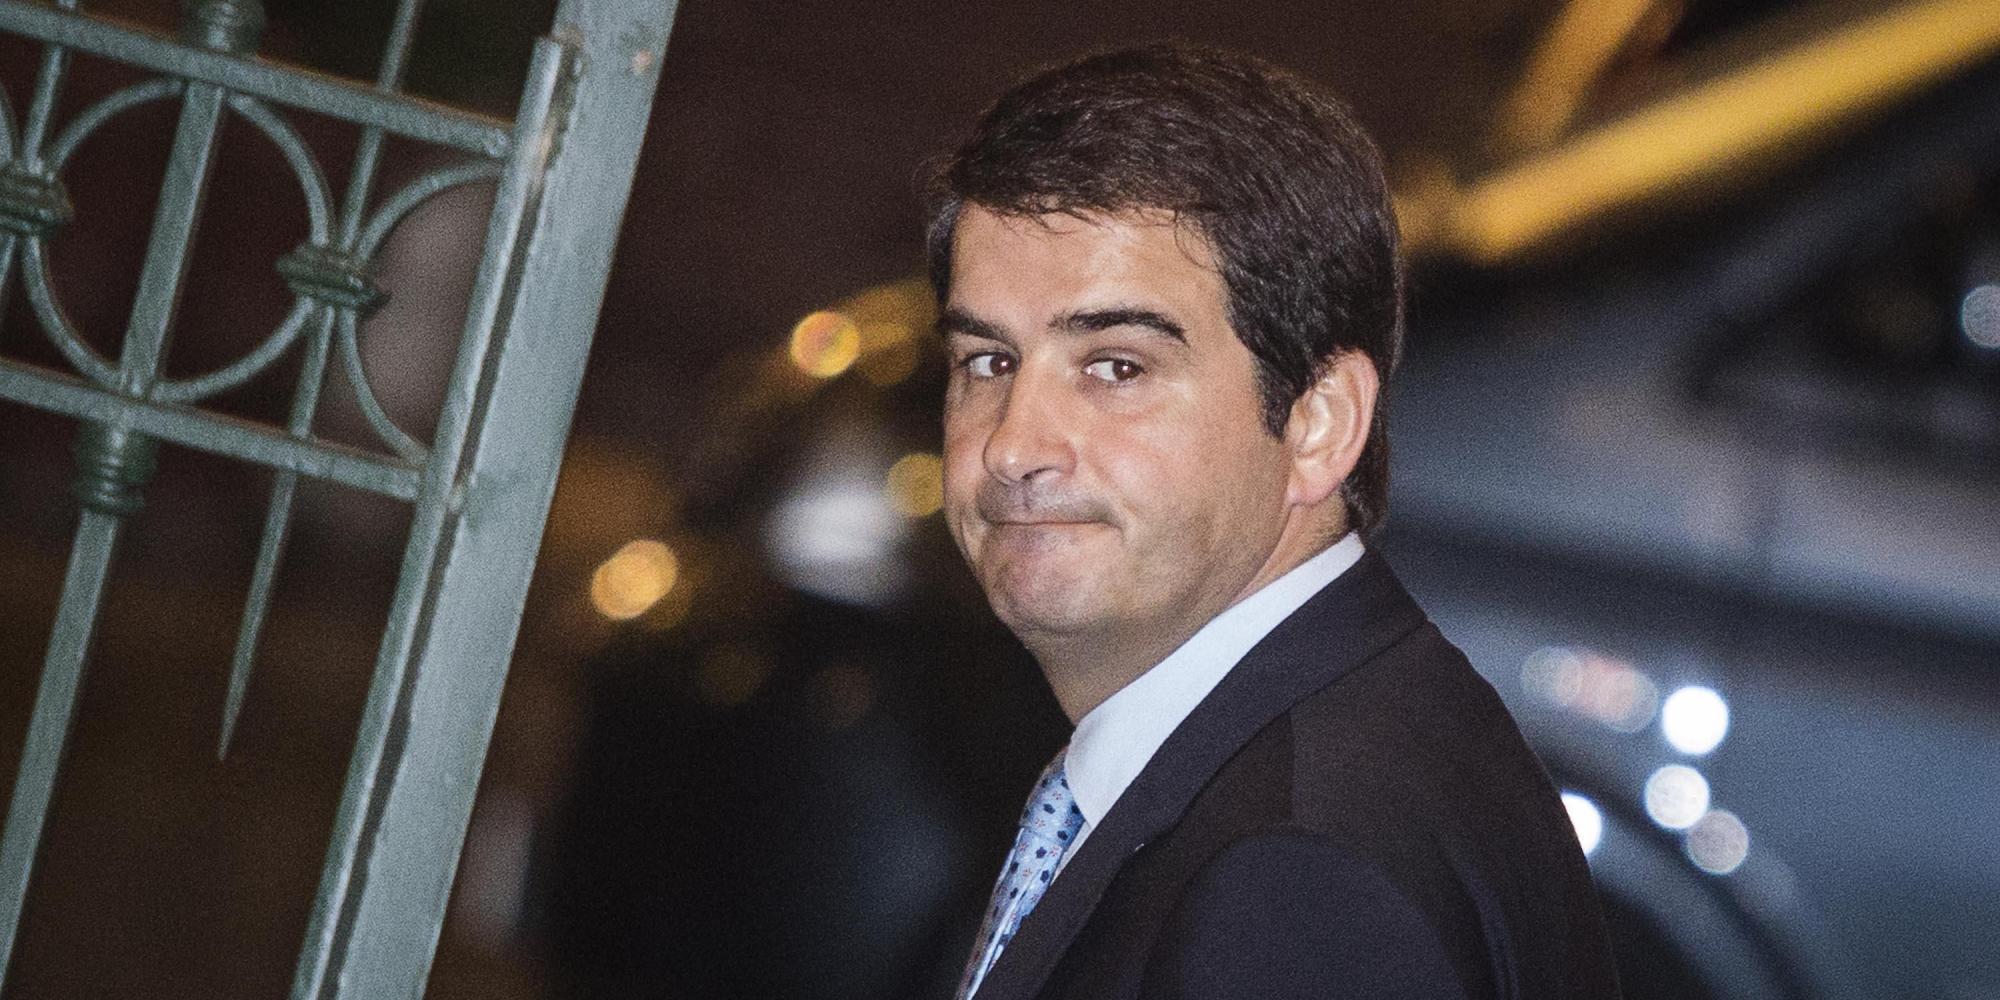 Raffaele Fitto, i segreti di Mister Preferenze alla sfida popolare